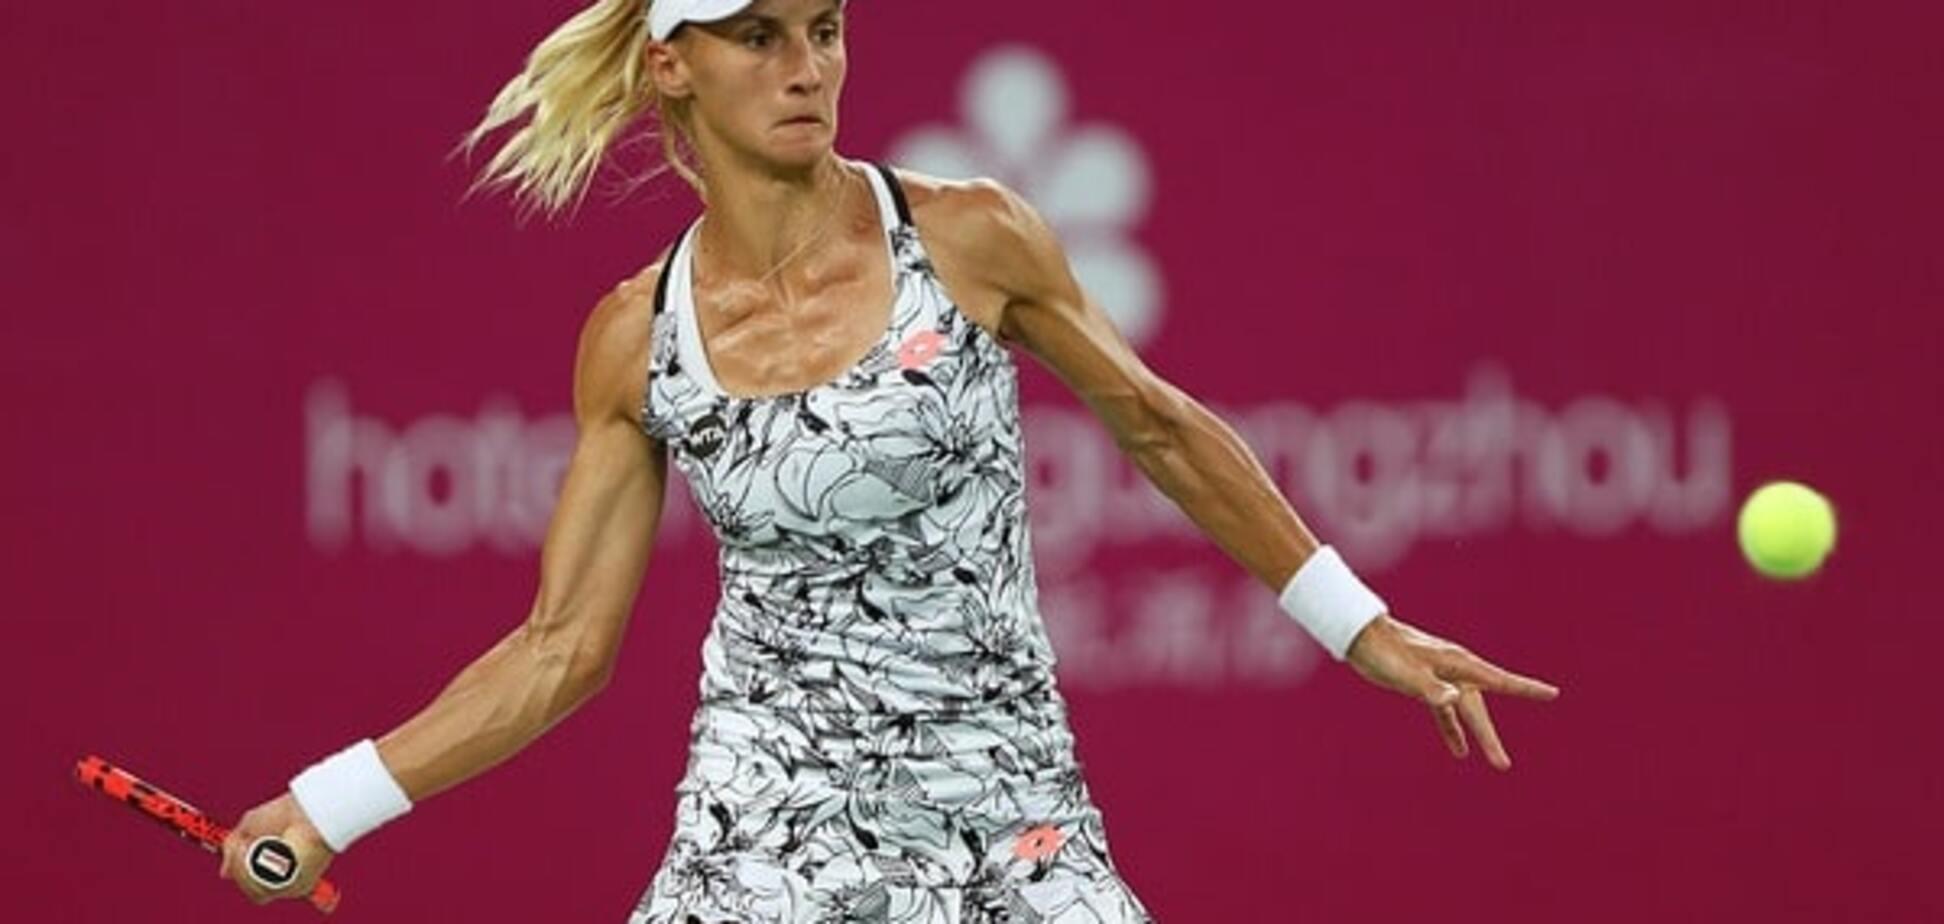 Українка виграла престижний тенісний турнір у Китаї